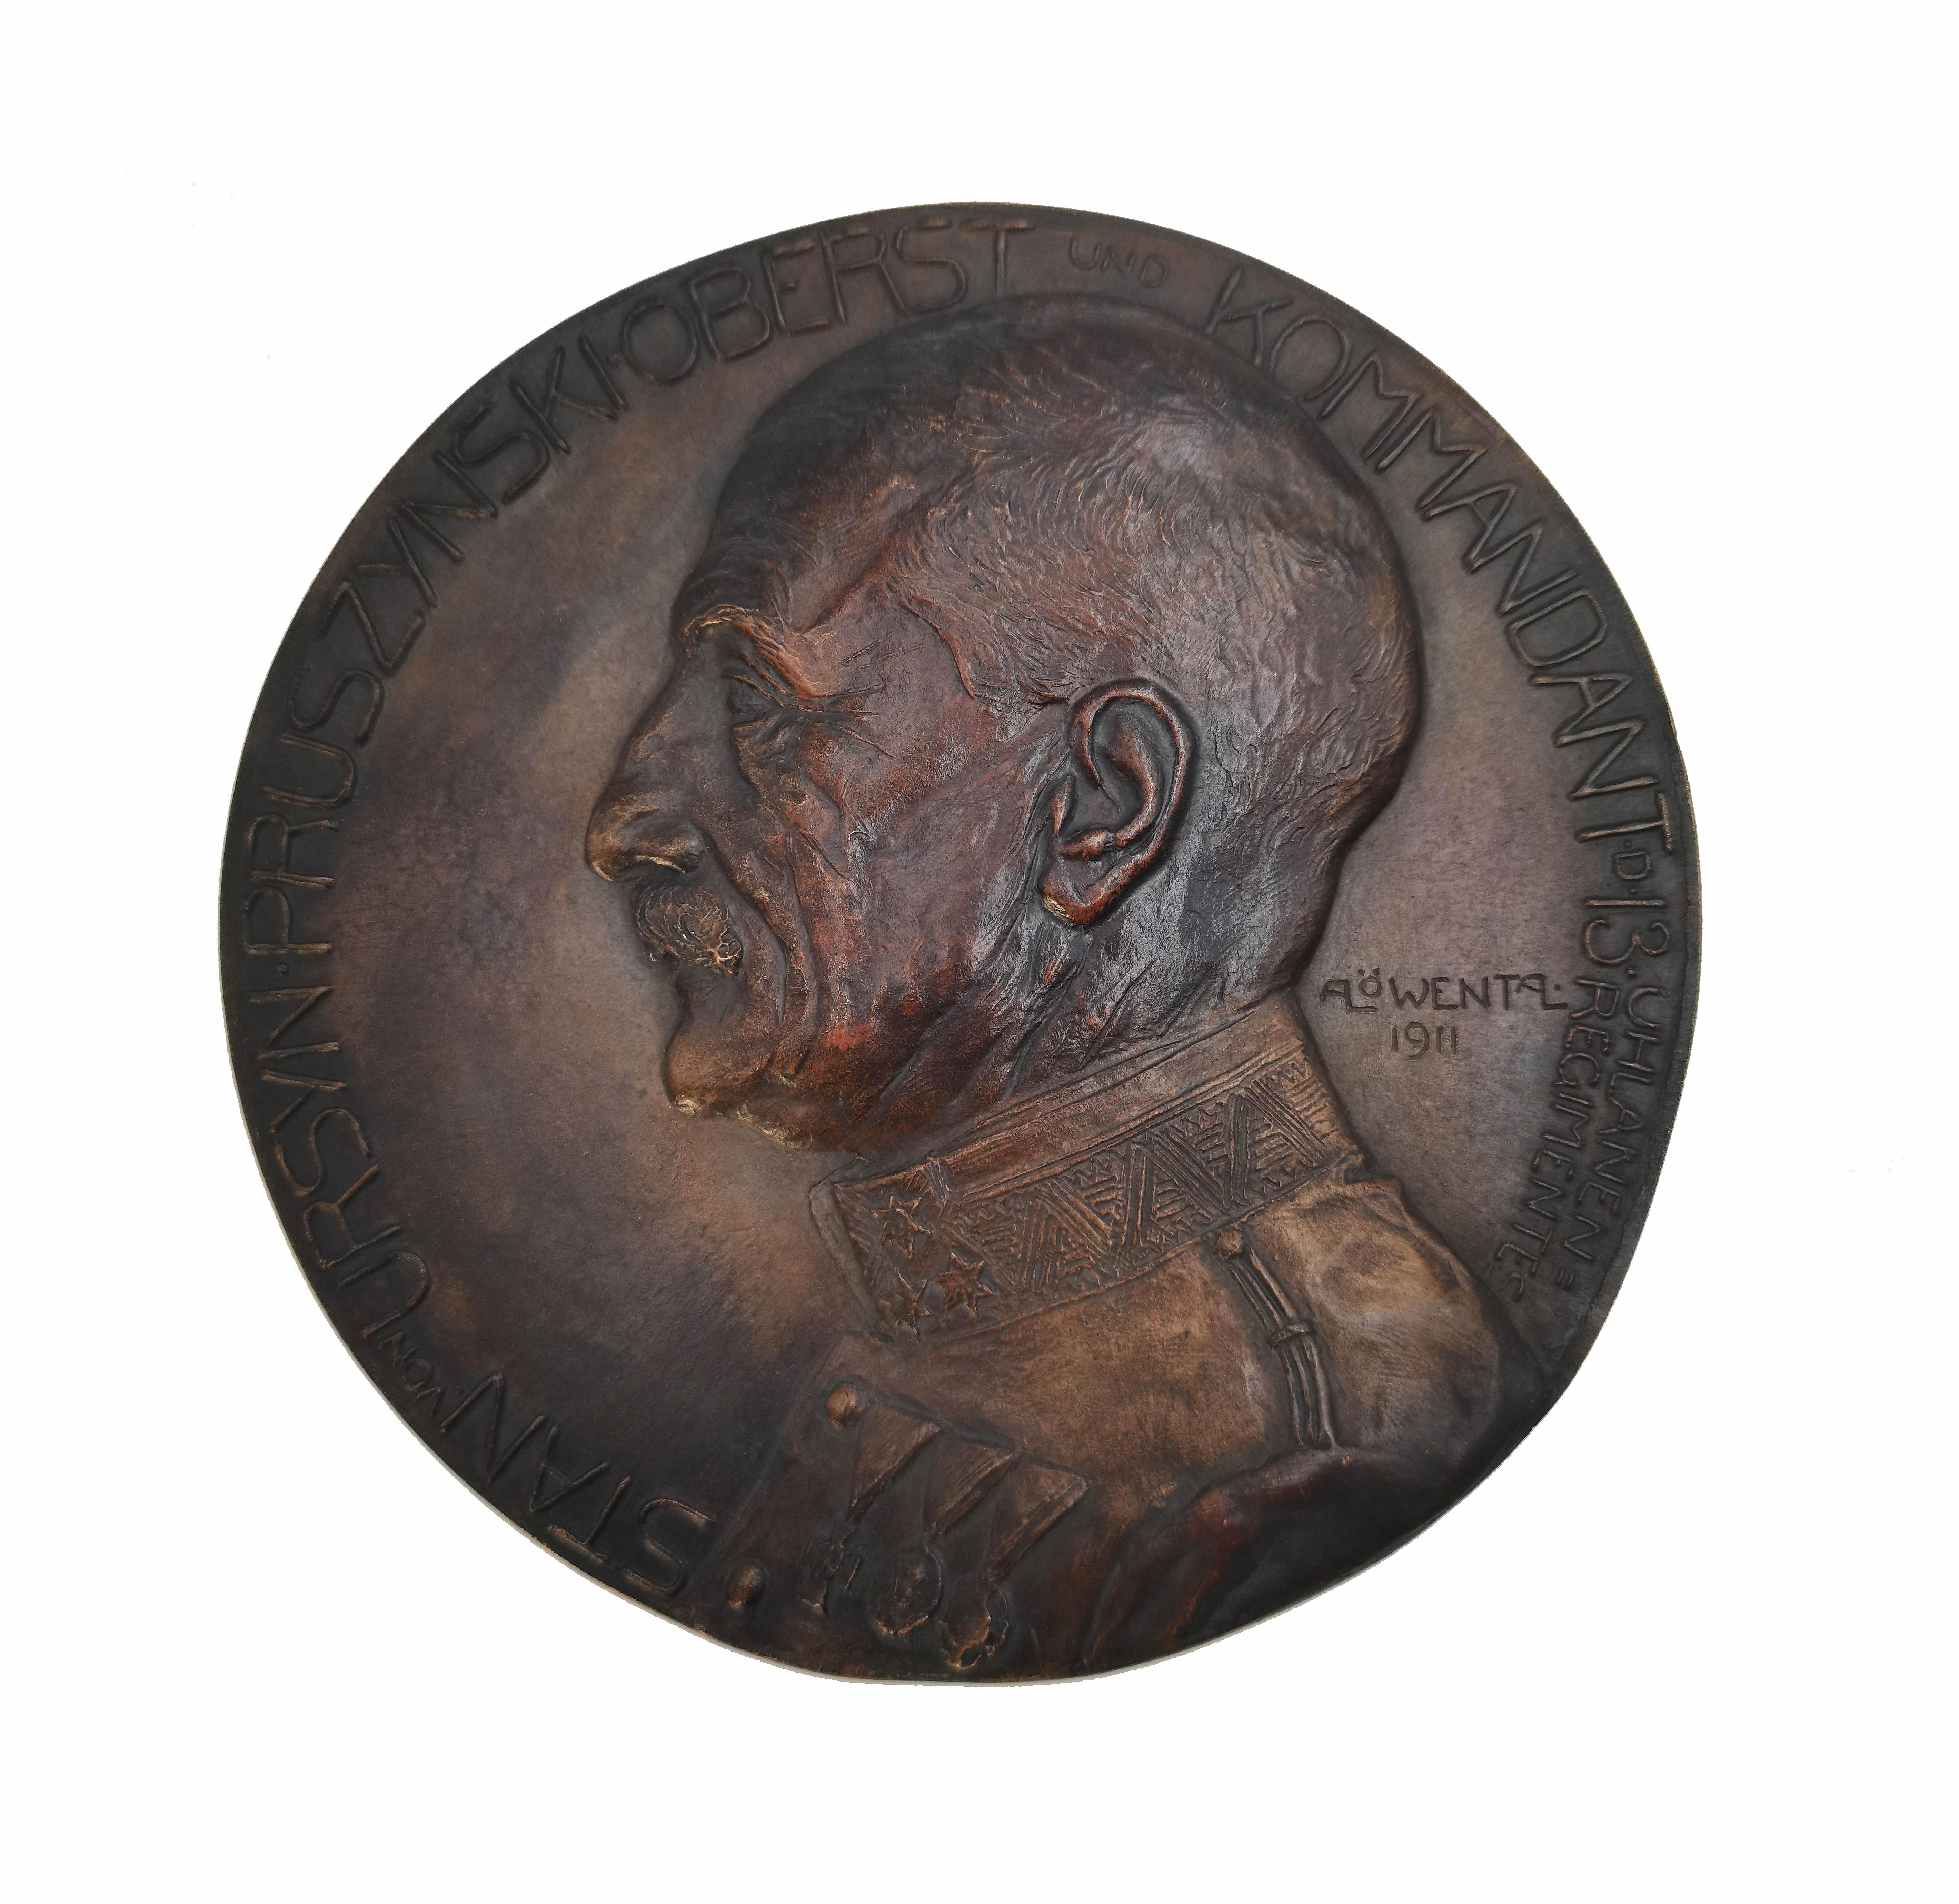 Medalion z portretem gen. Stanisława Ursyn-Pruszyńskiego